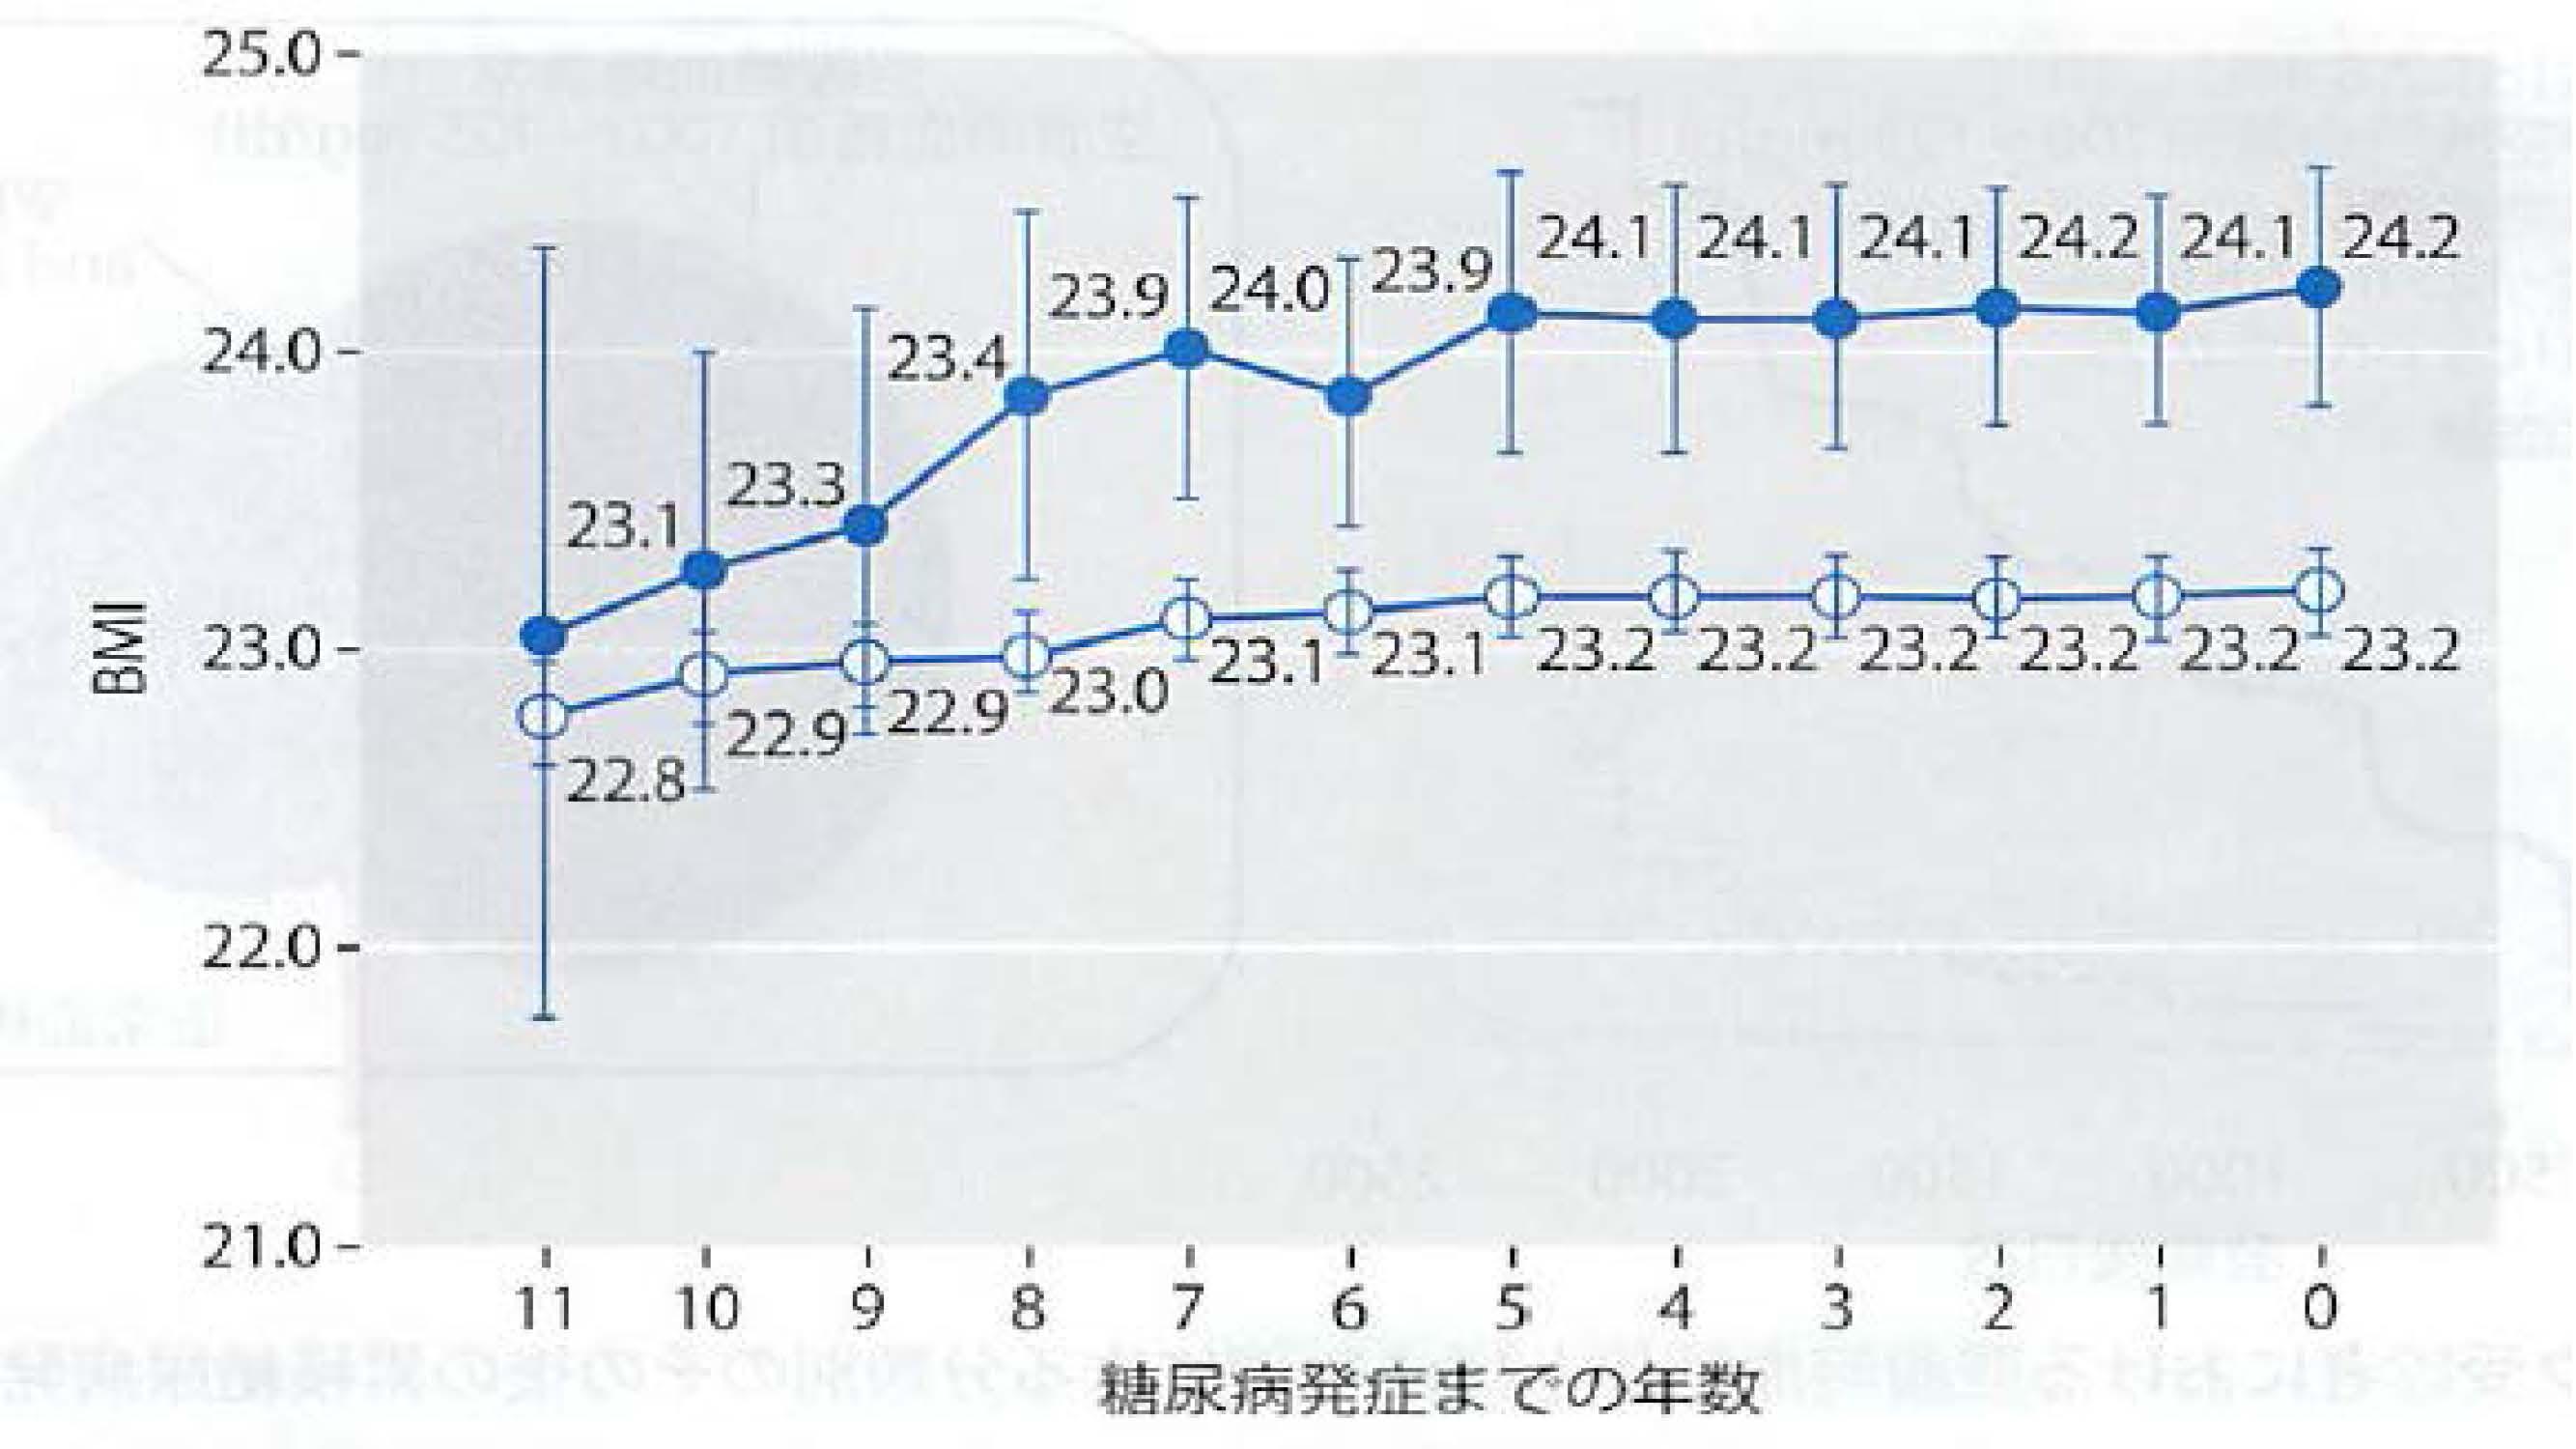 BMIの経時的変化量と糖尿病発症リスクとの関連を示したグラフ